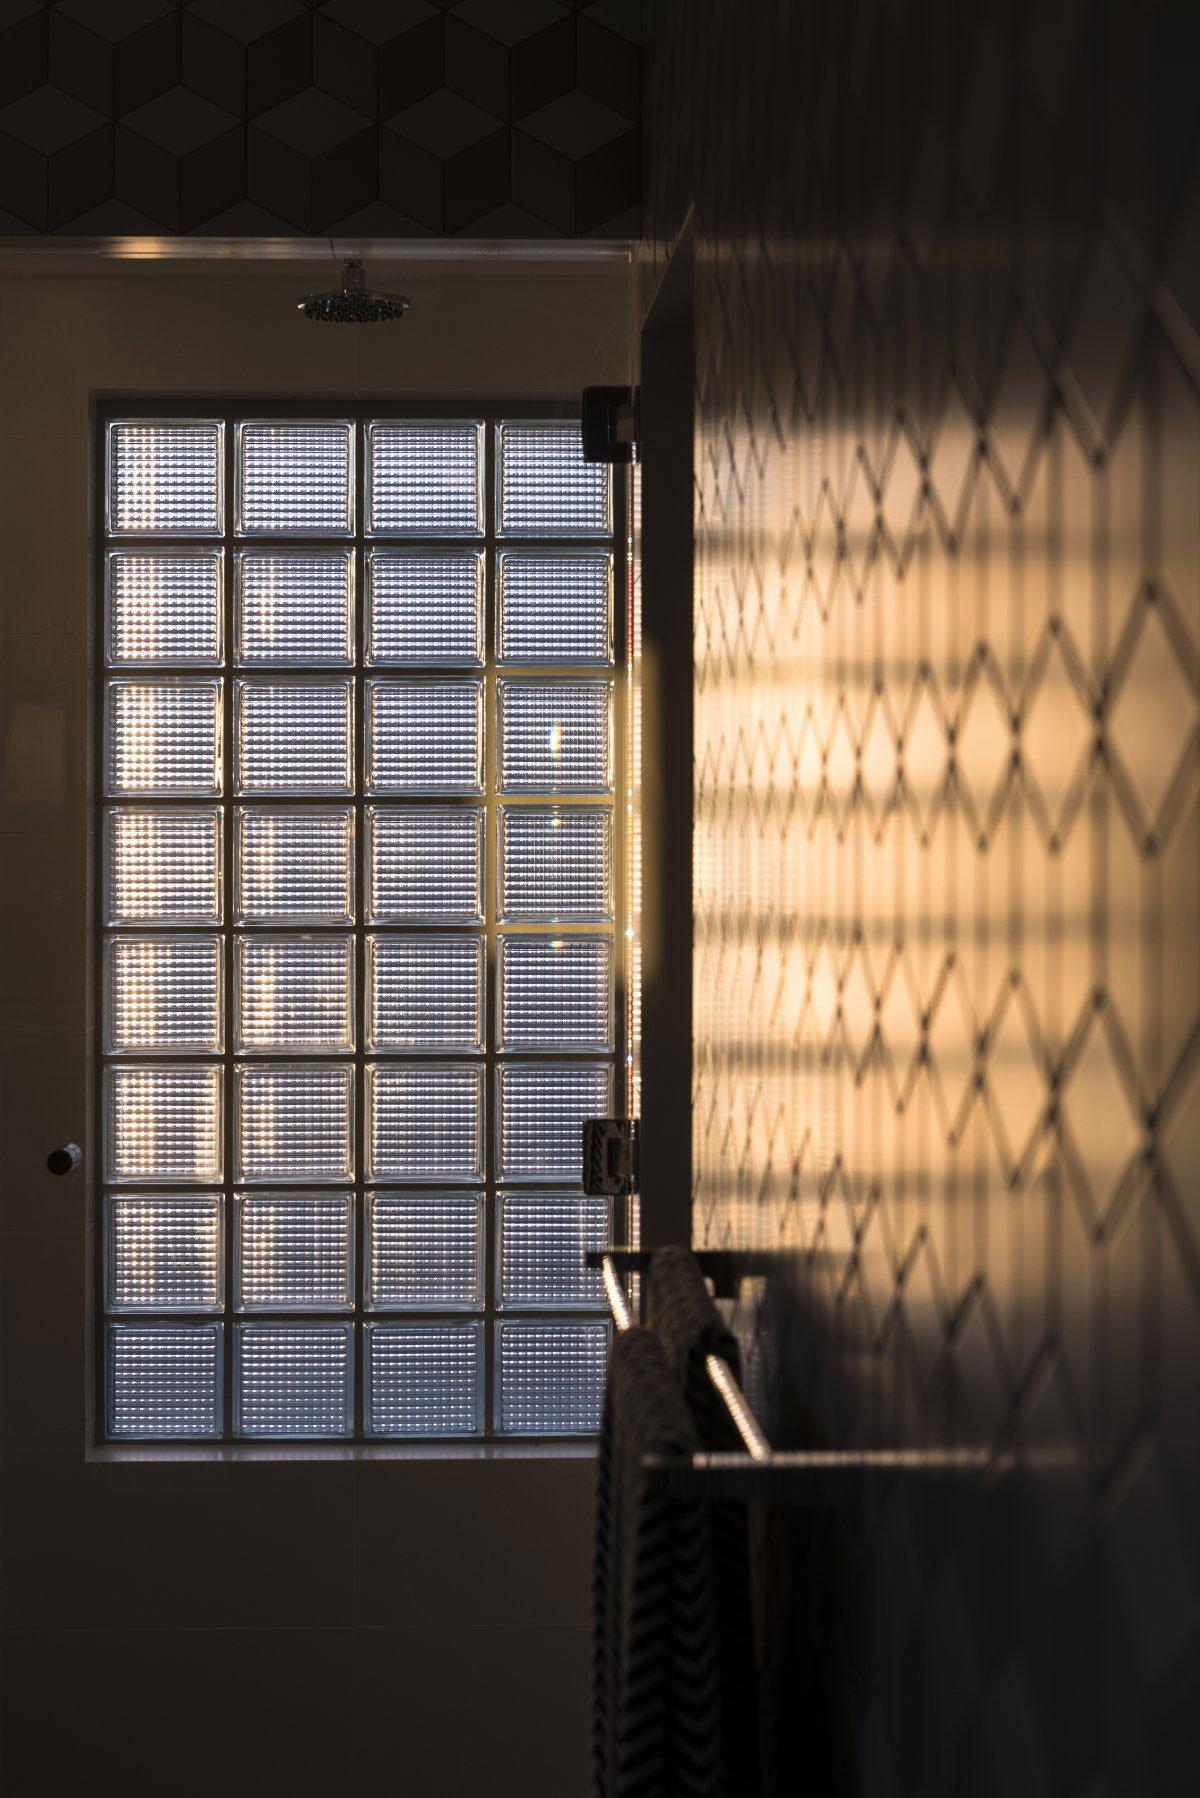 Модернизм интерьера, простота дизайна интерьера, Residential Attitudes, частный дом в Перт, красивые дома в Австралии, паркет в современном интерьере